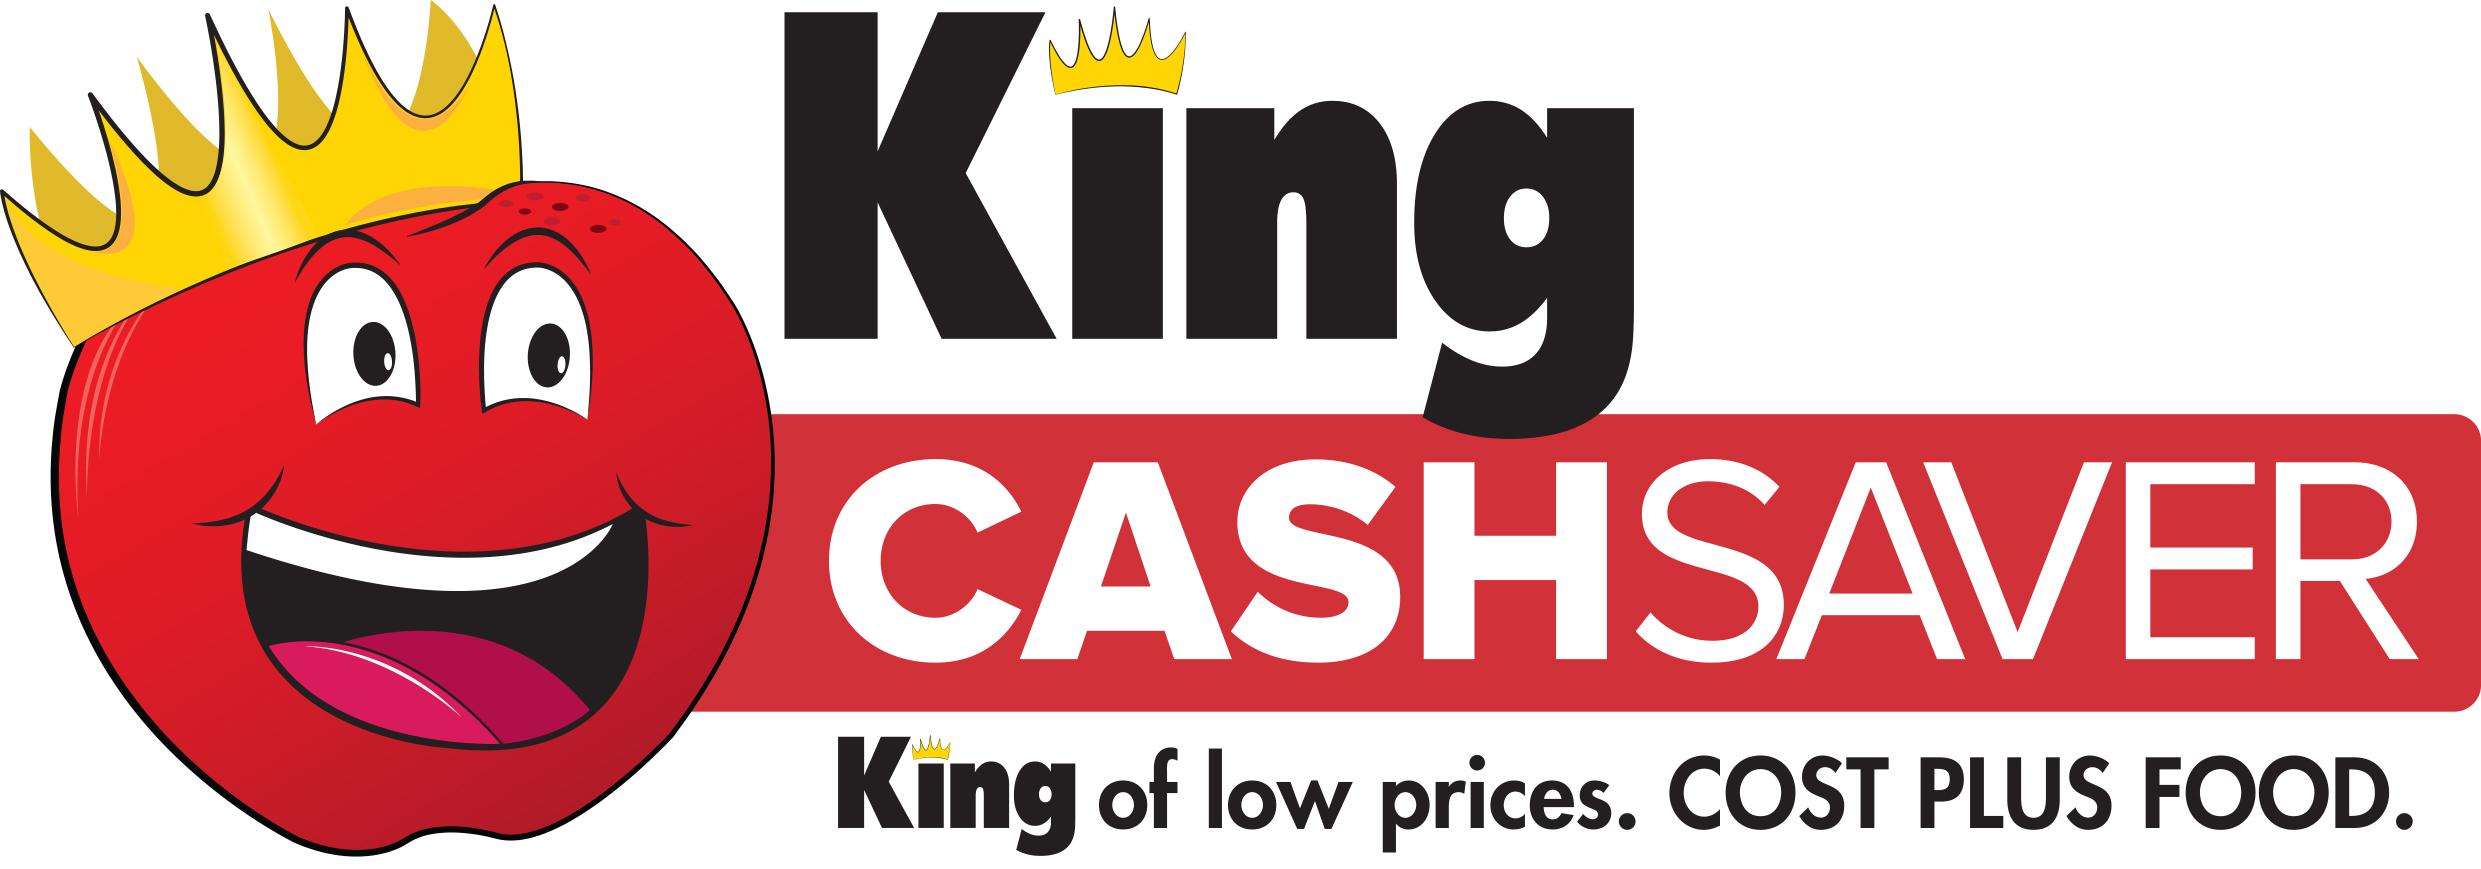 King Cash Saver Logo